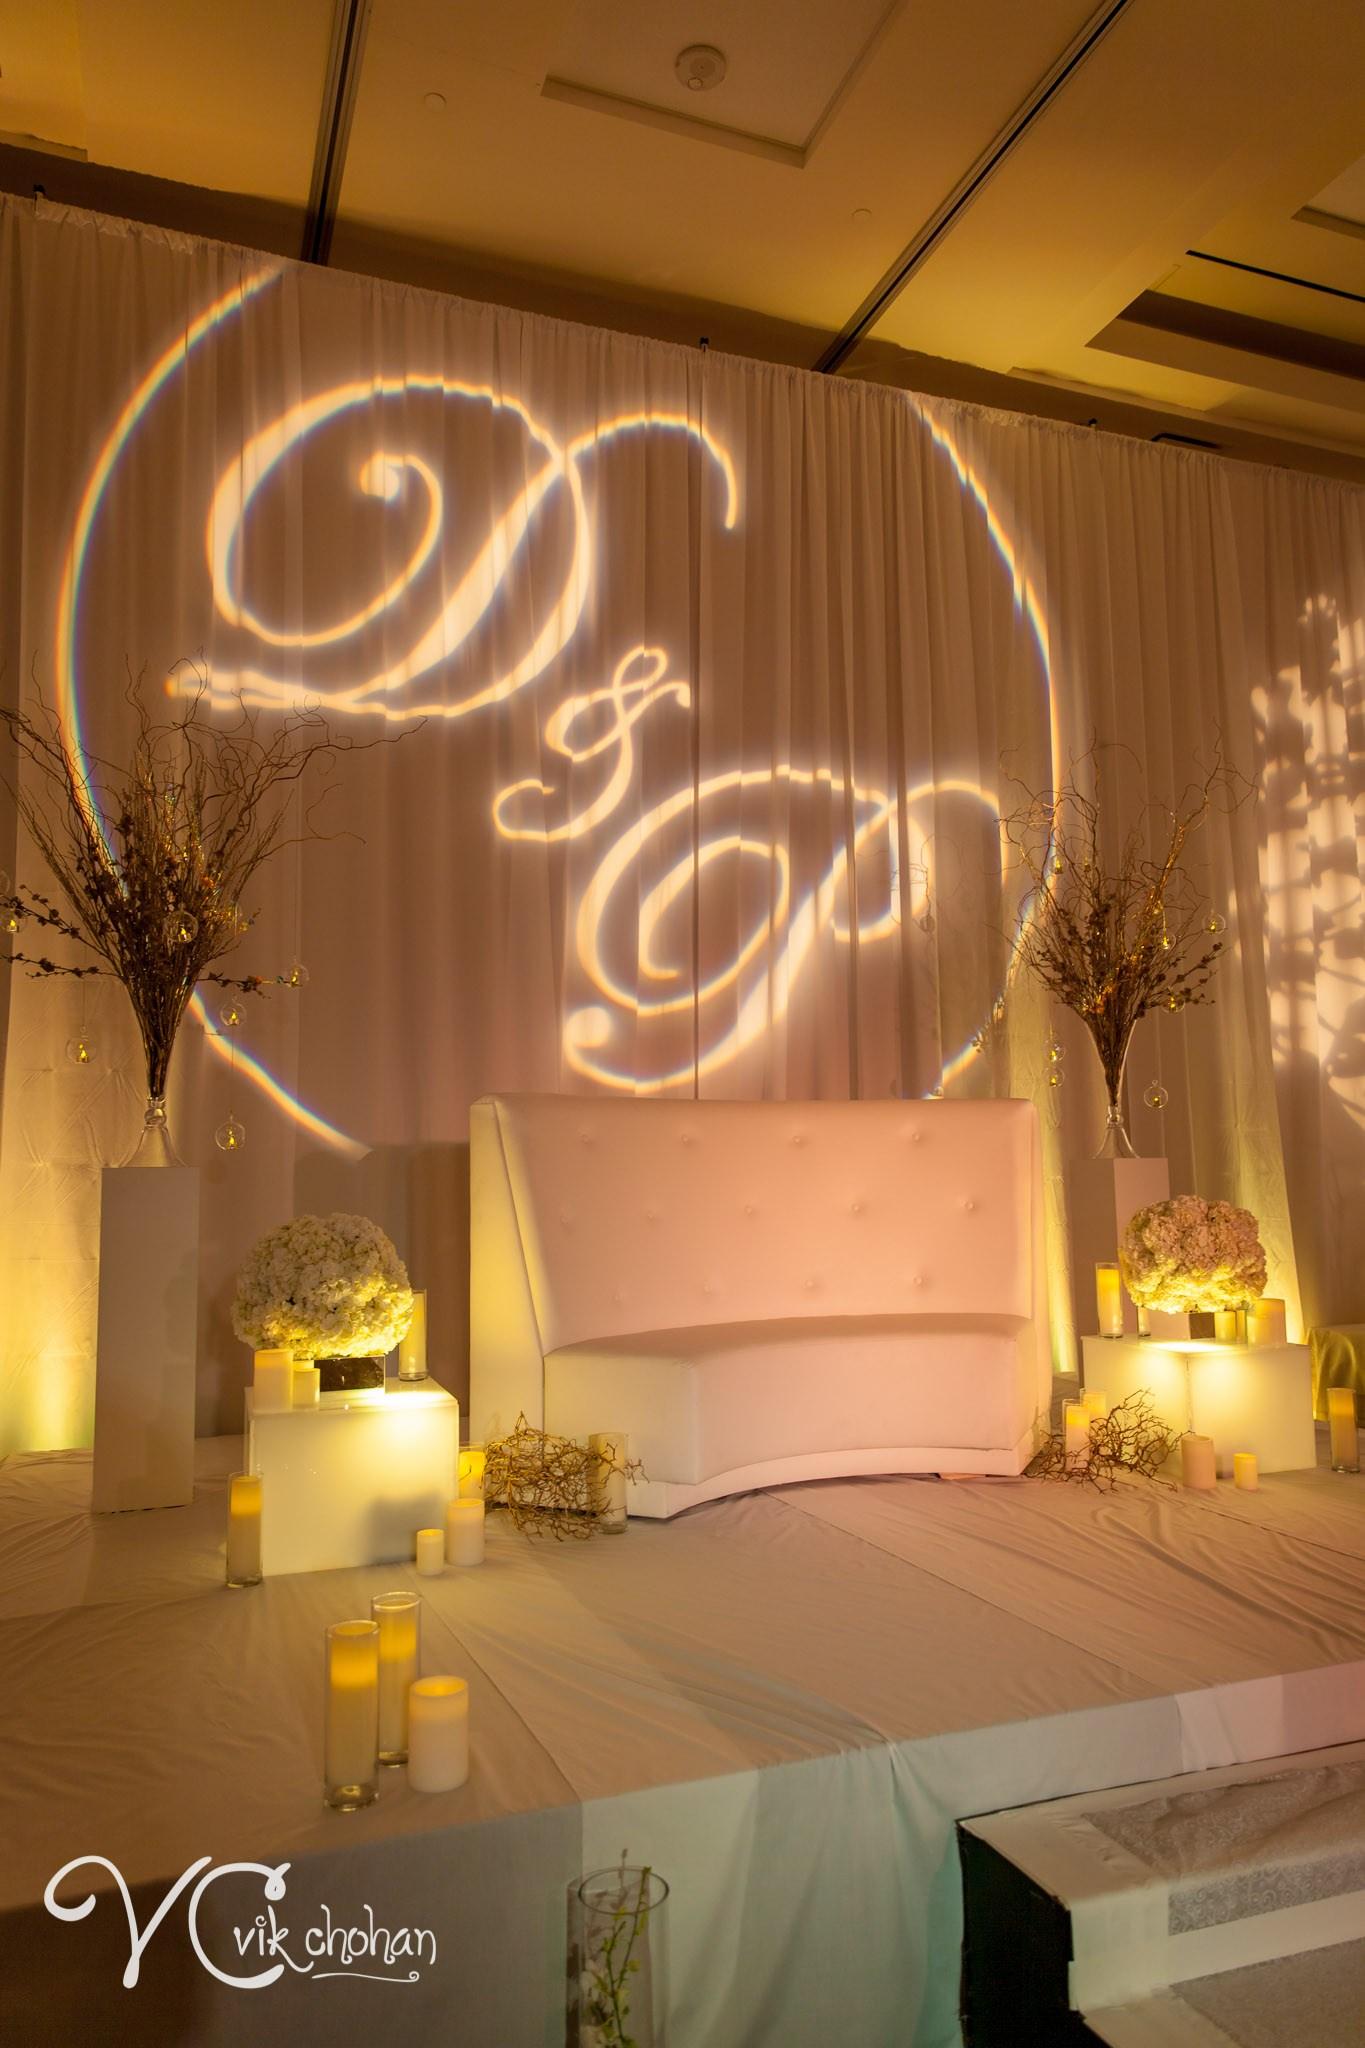 Deepa__Parry_Wedding_Reception-Vik-Chohan-013.jpg